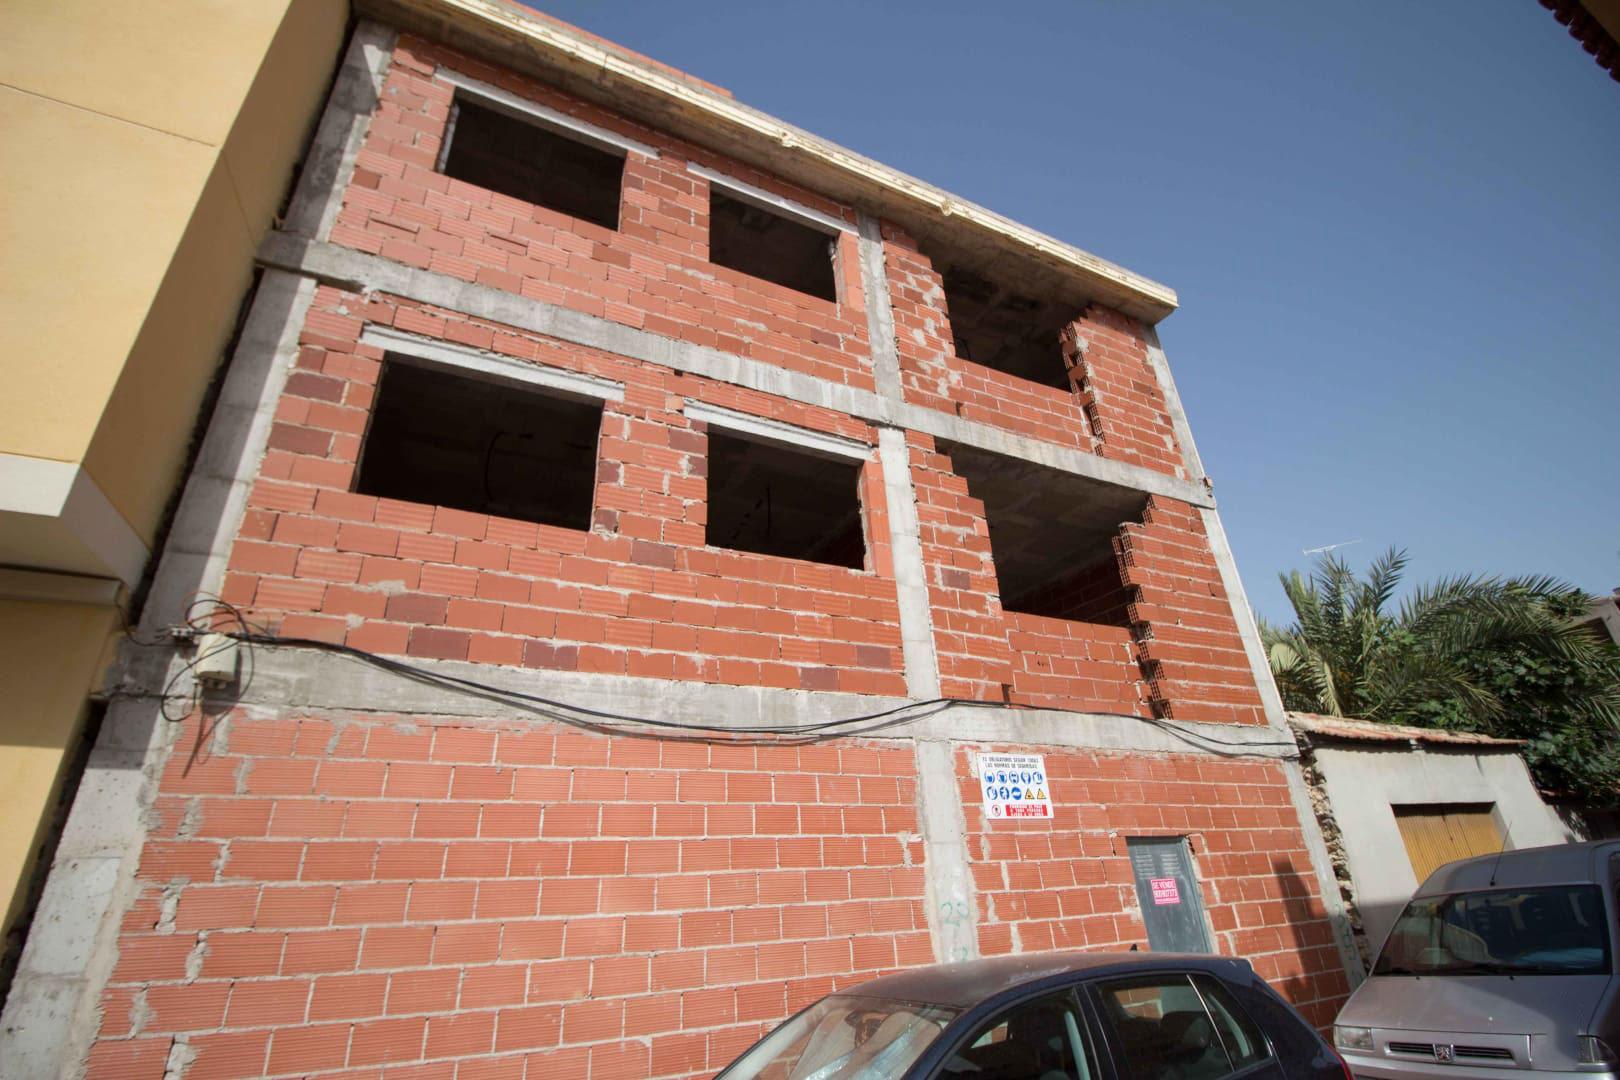 Piso en venta en Archena, Murcia, Calle Poniente, 69.148 €, 3 habitaciones, 224 m2